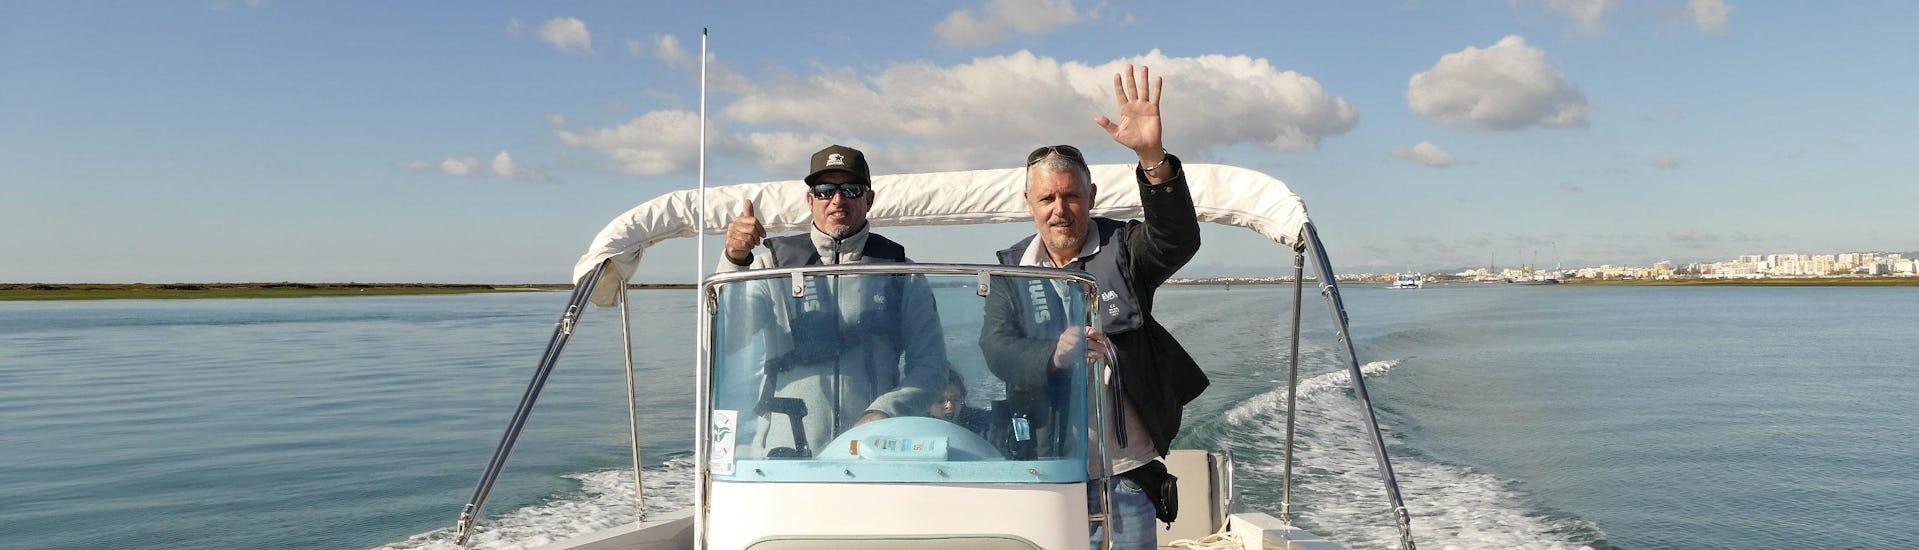 Boat Tour - Santa Maria Cape Route in Faro